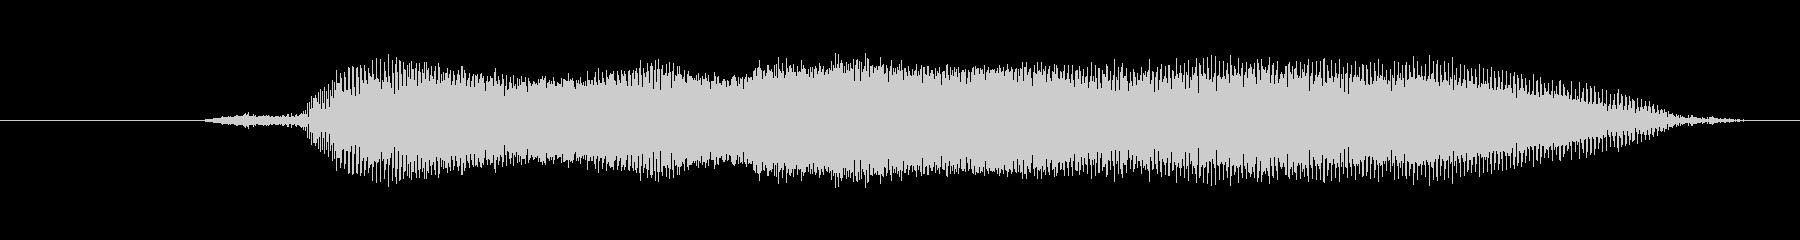 鳴き声 リトルガールラフ02の未再生の波形